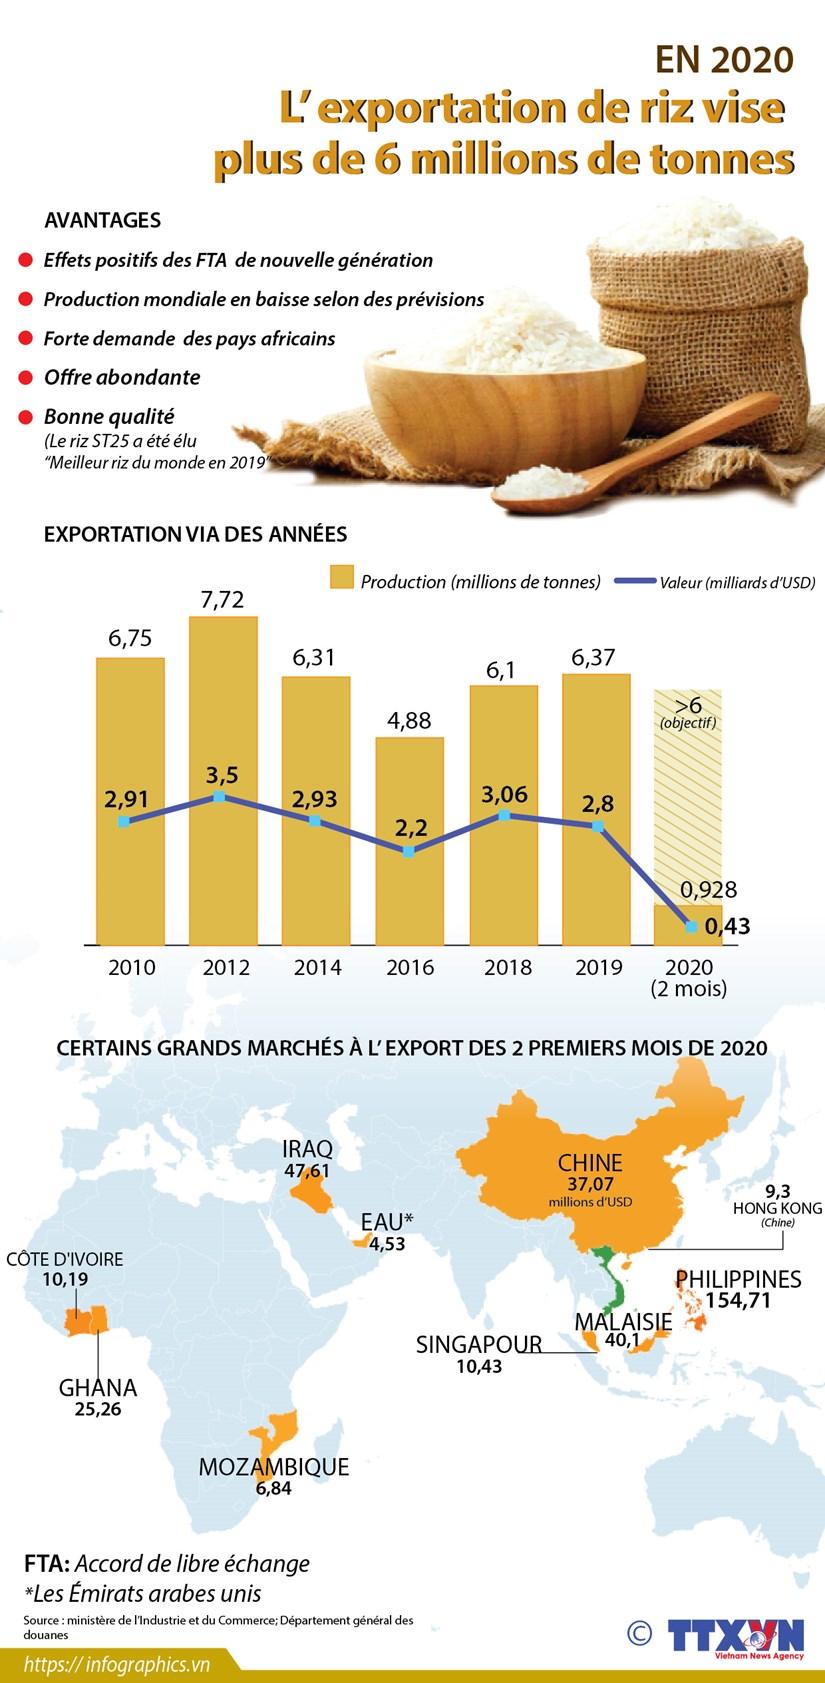 L'exportation de riz vise plus de 6 millions de tonnes hinh anh 1